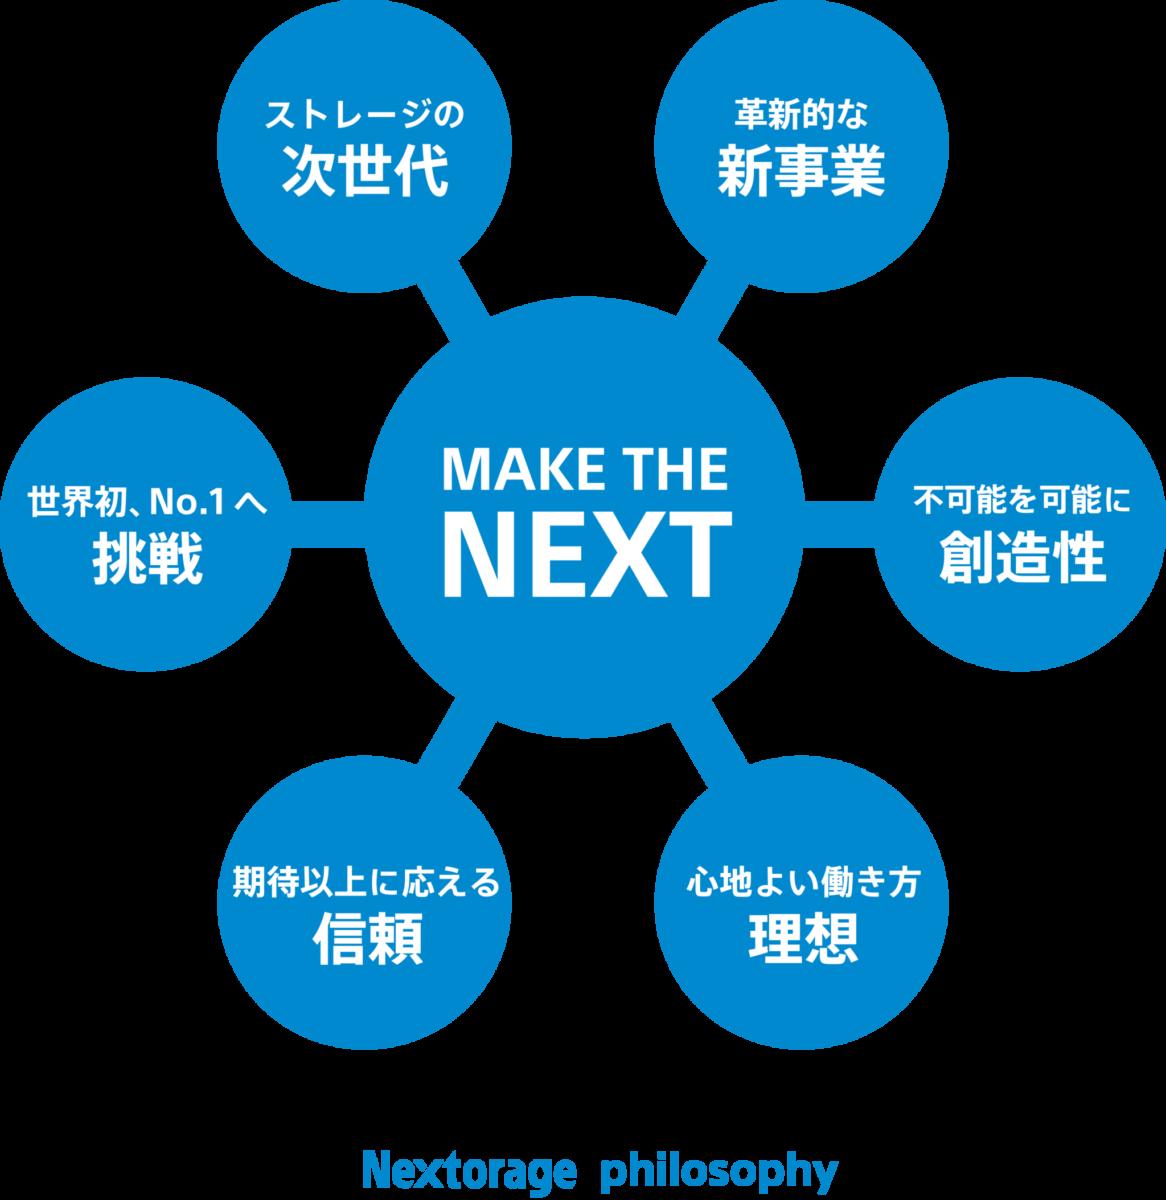 Nextorage philosophy image